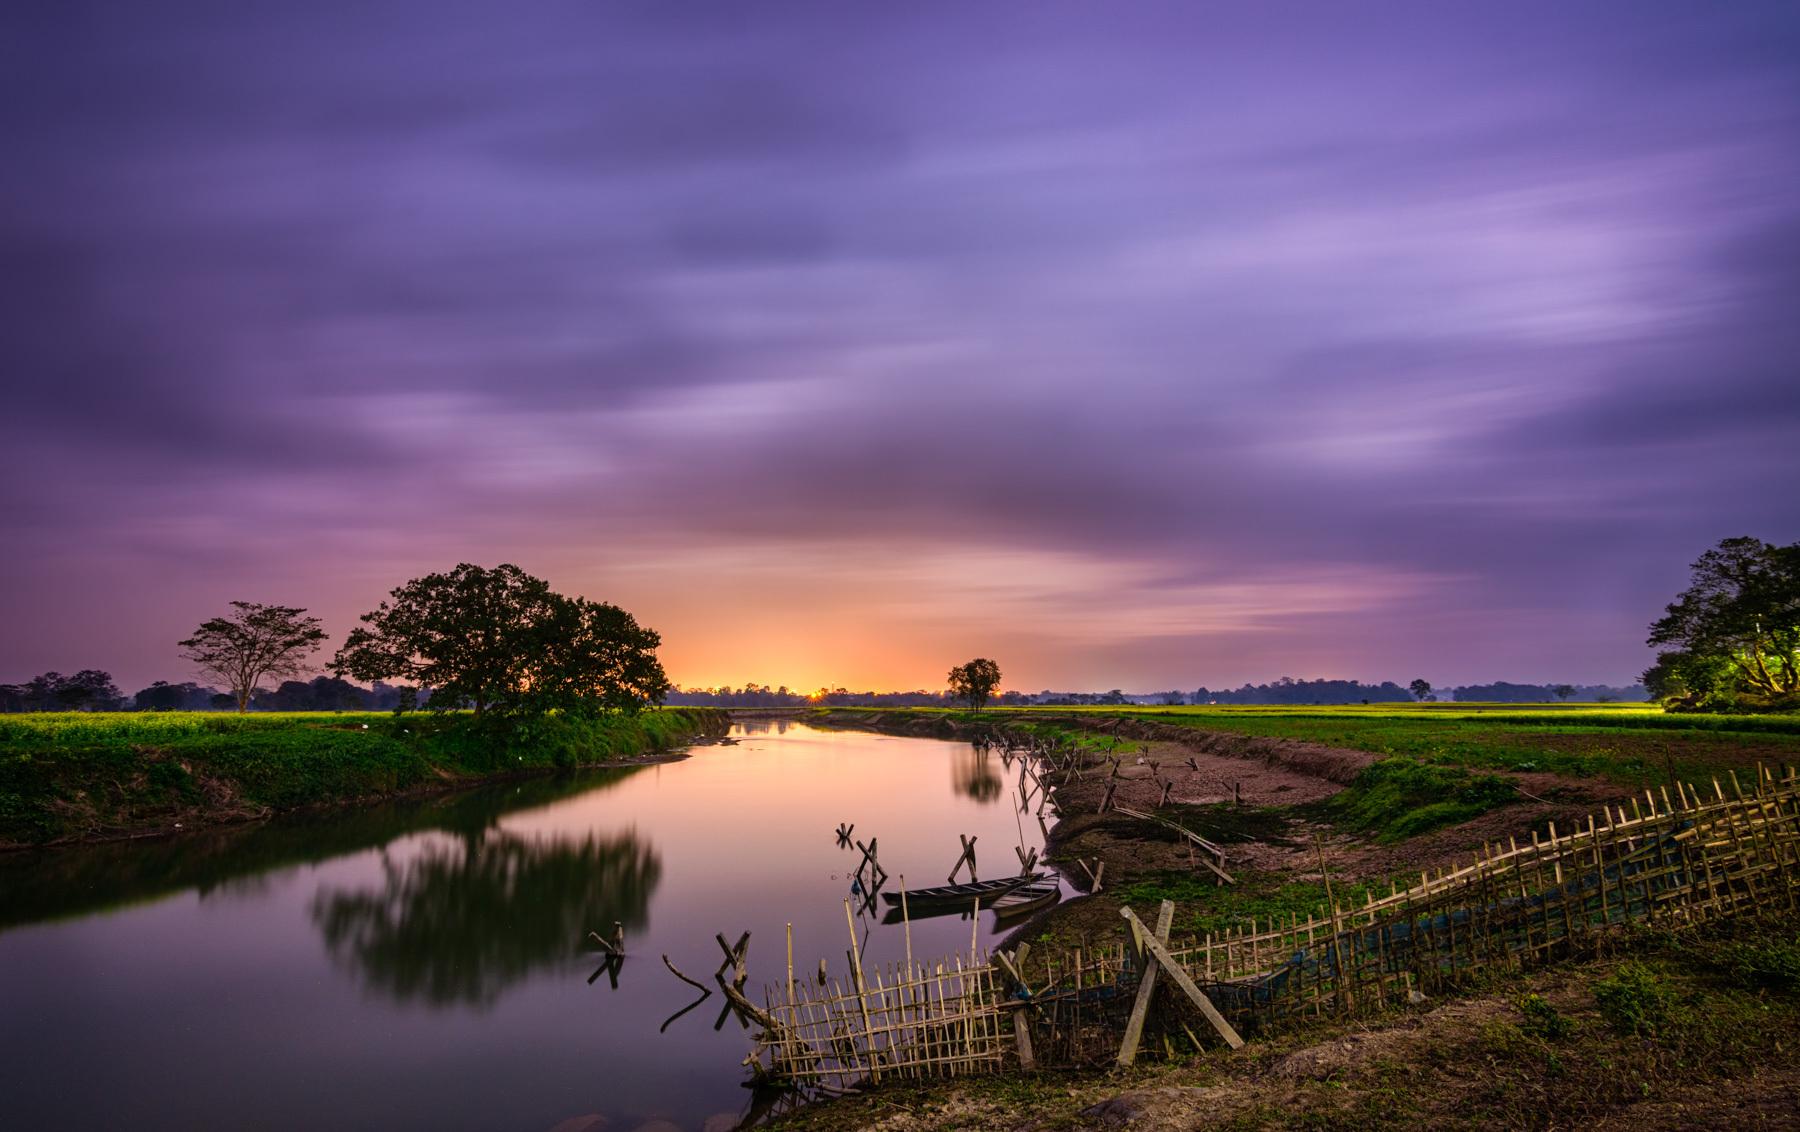 Hues of dusk